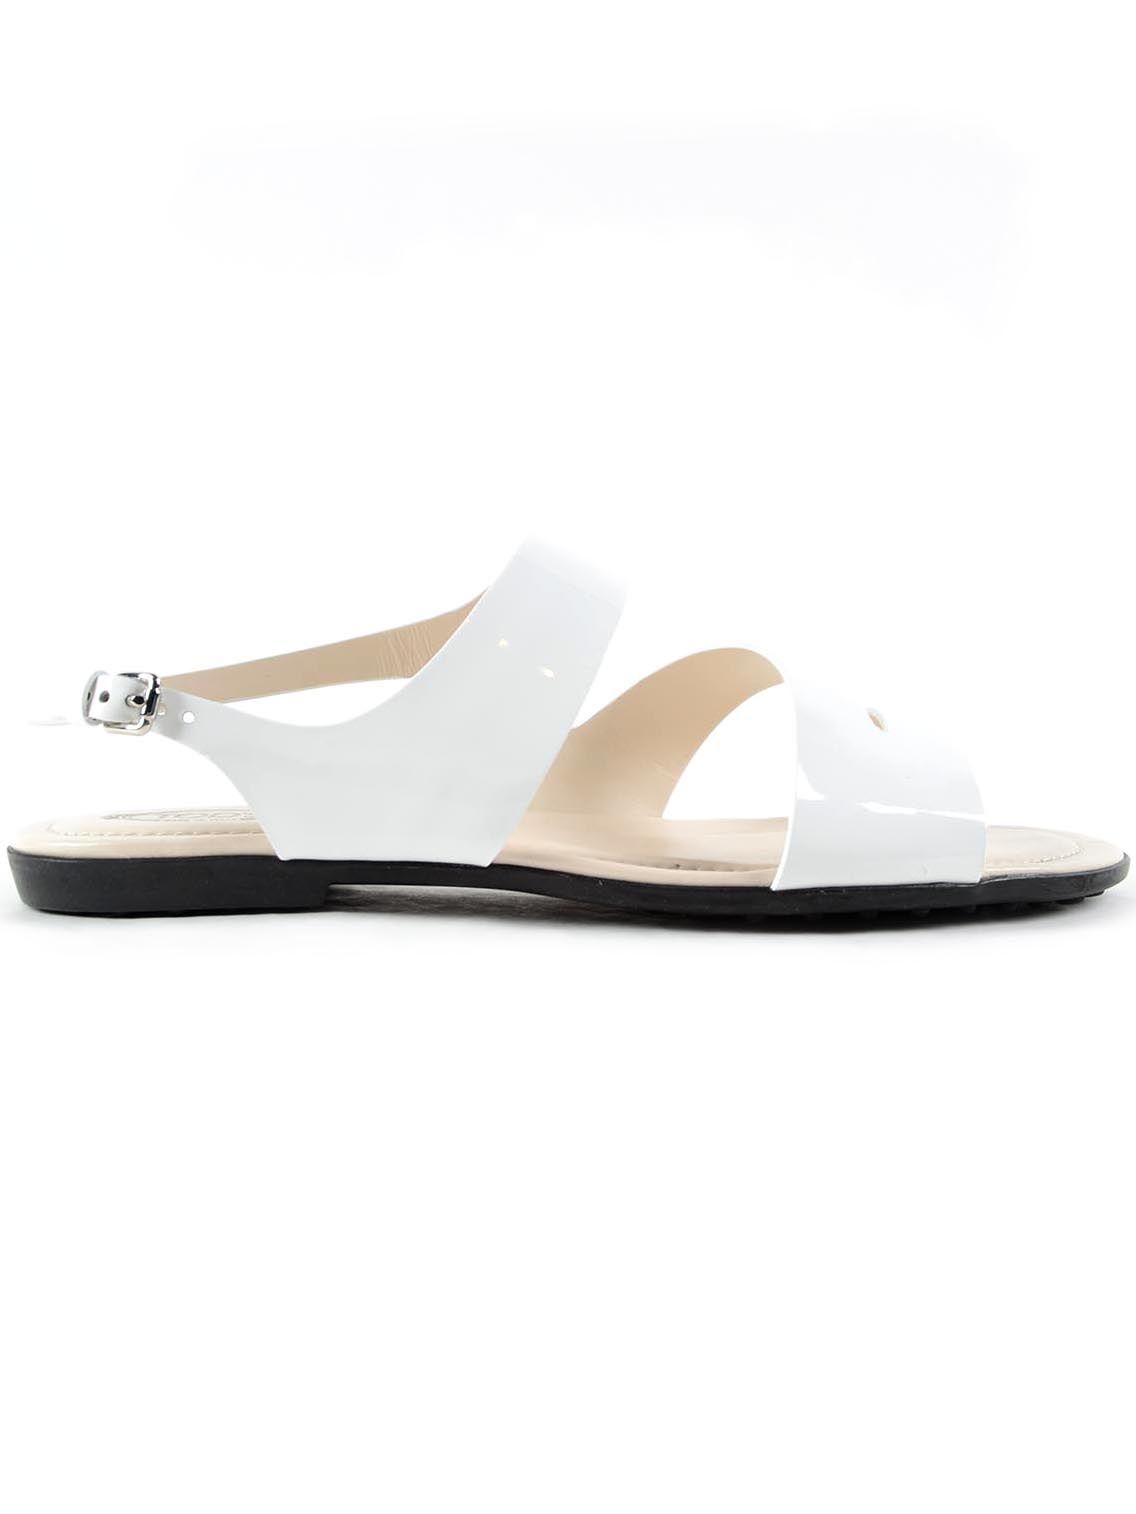 Tods Varnished Flat Sandals